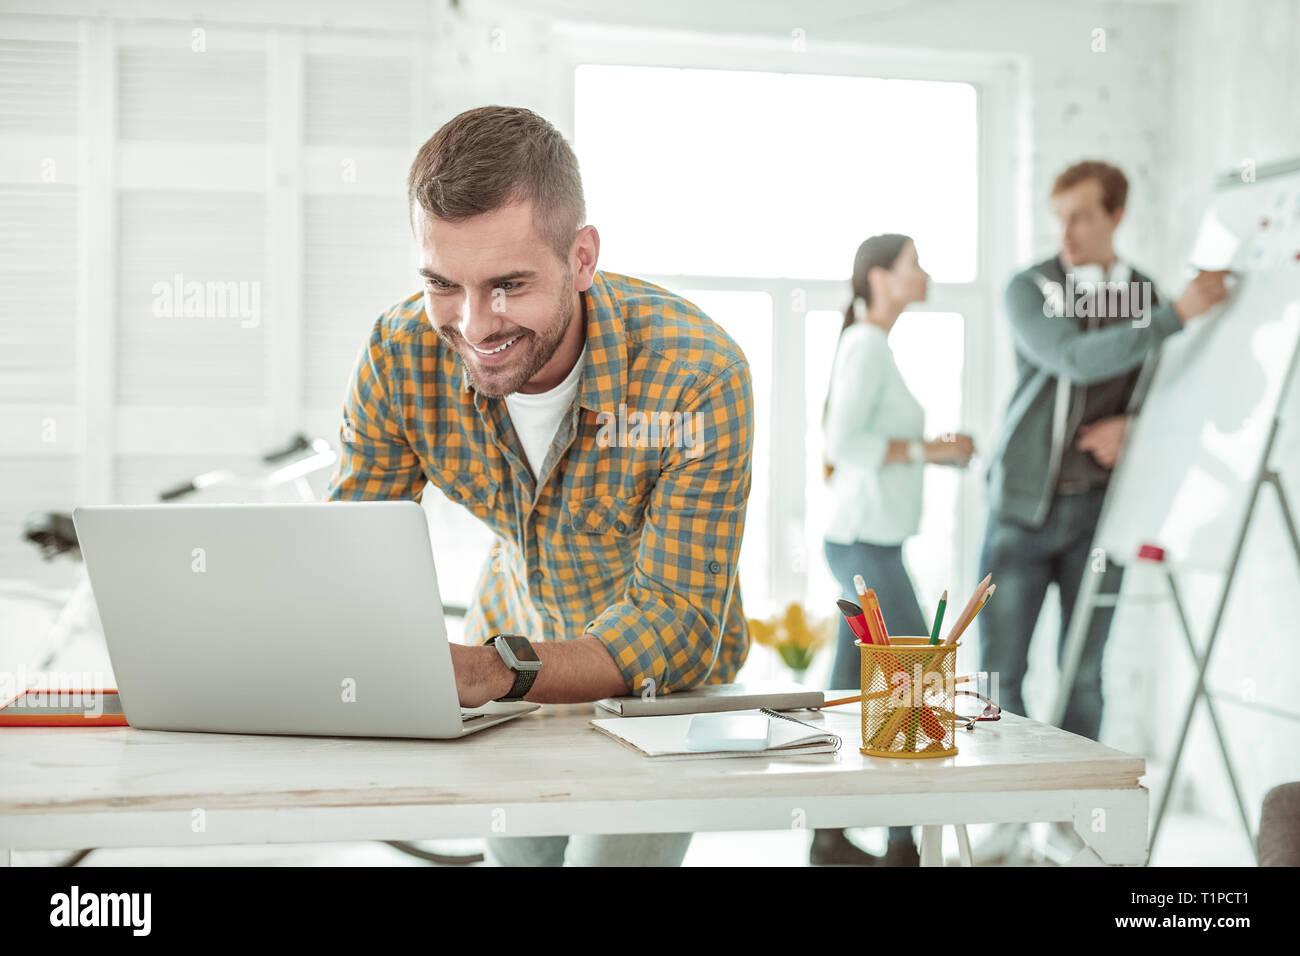 Smart hombre positivo escribiendo en su portátil. Foto de stock